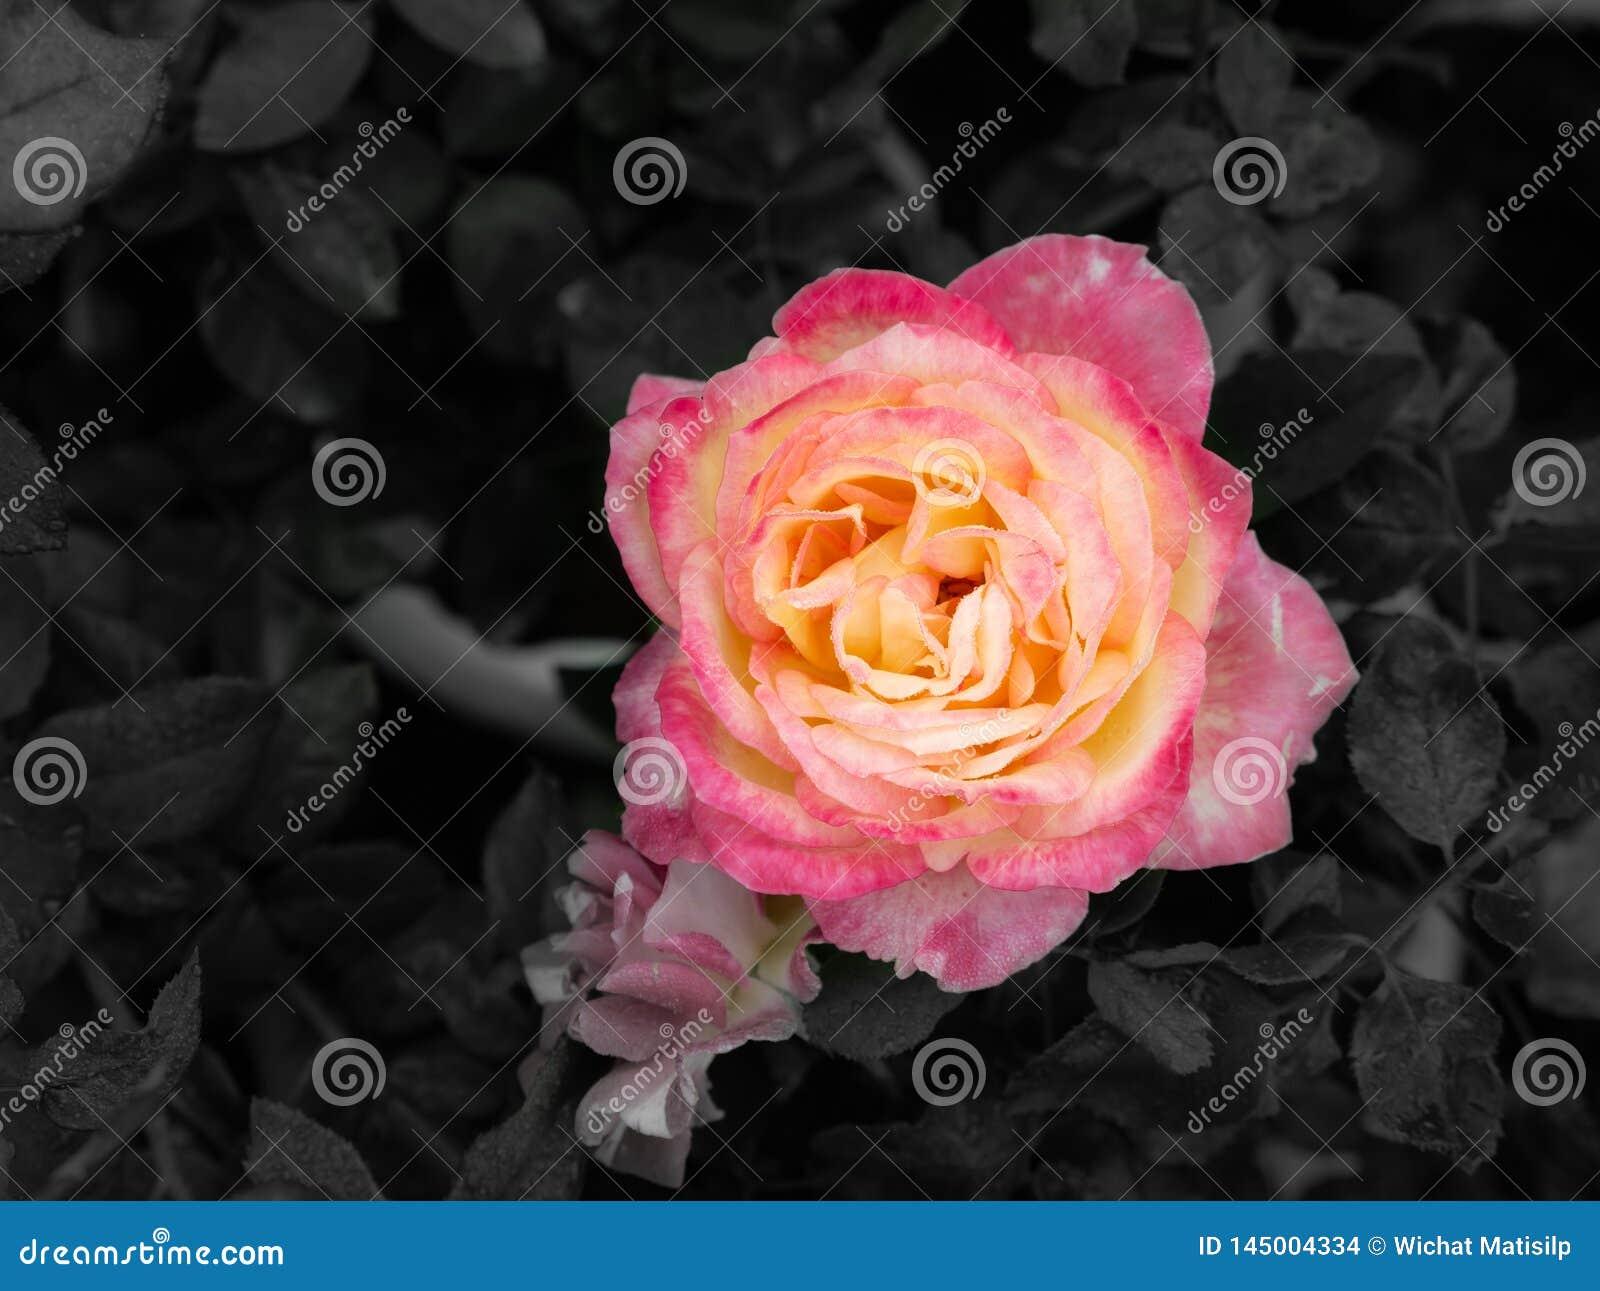 Dauwdalingen op Roze Gele Rose Flower